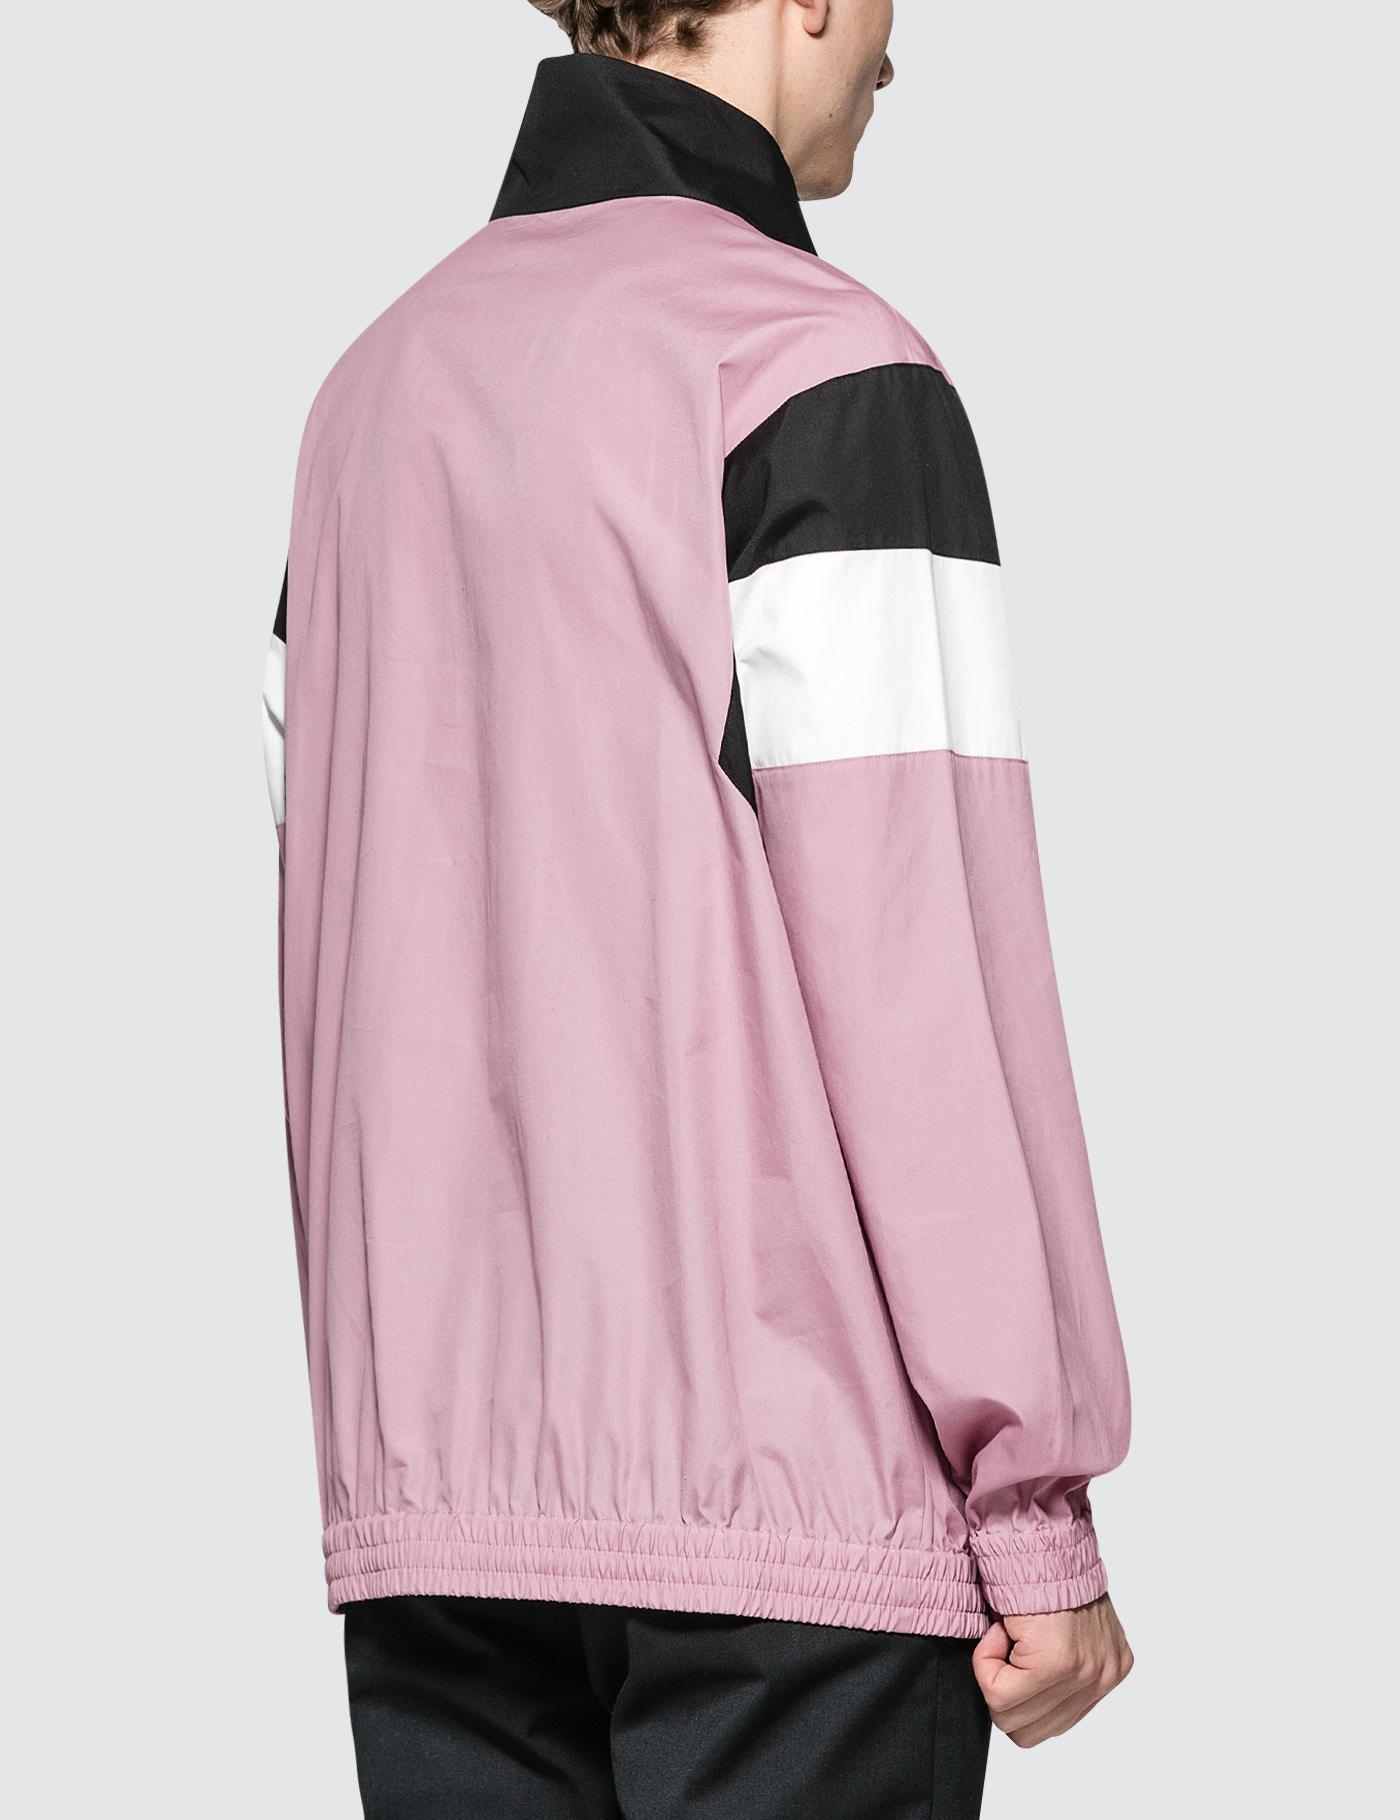 Ambush Track Jacket in Pink for Men